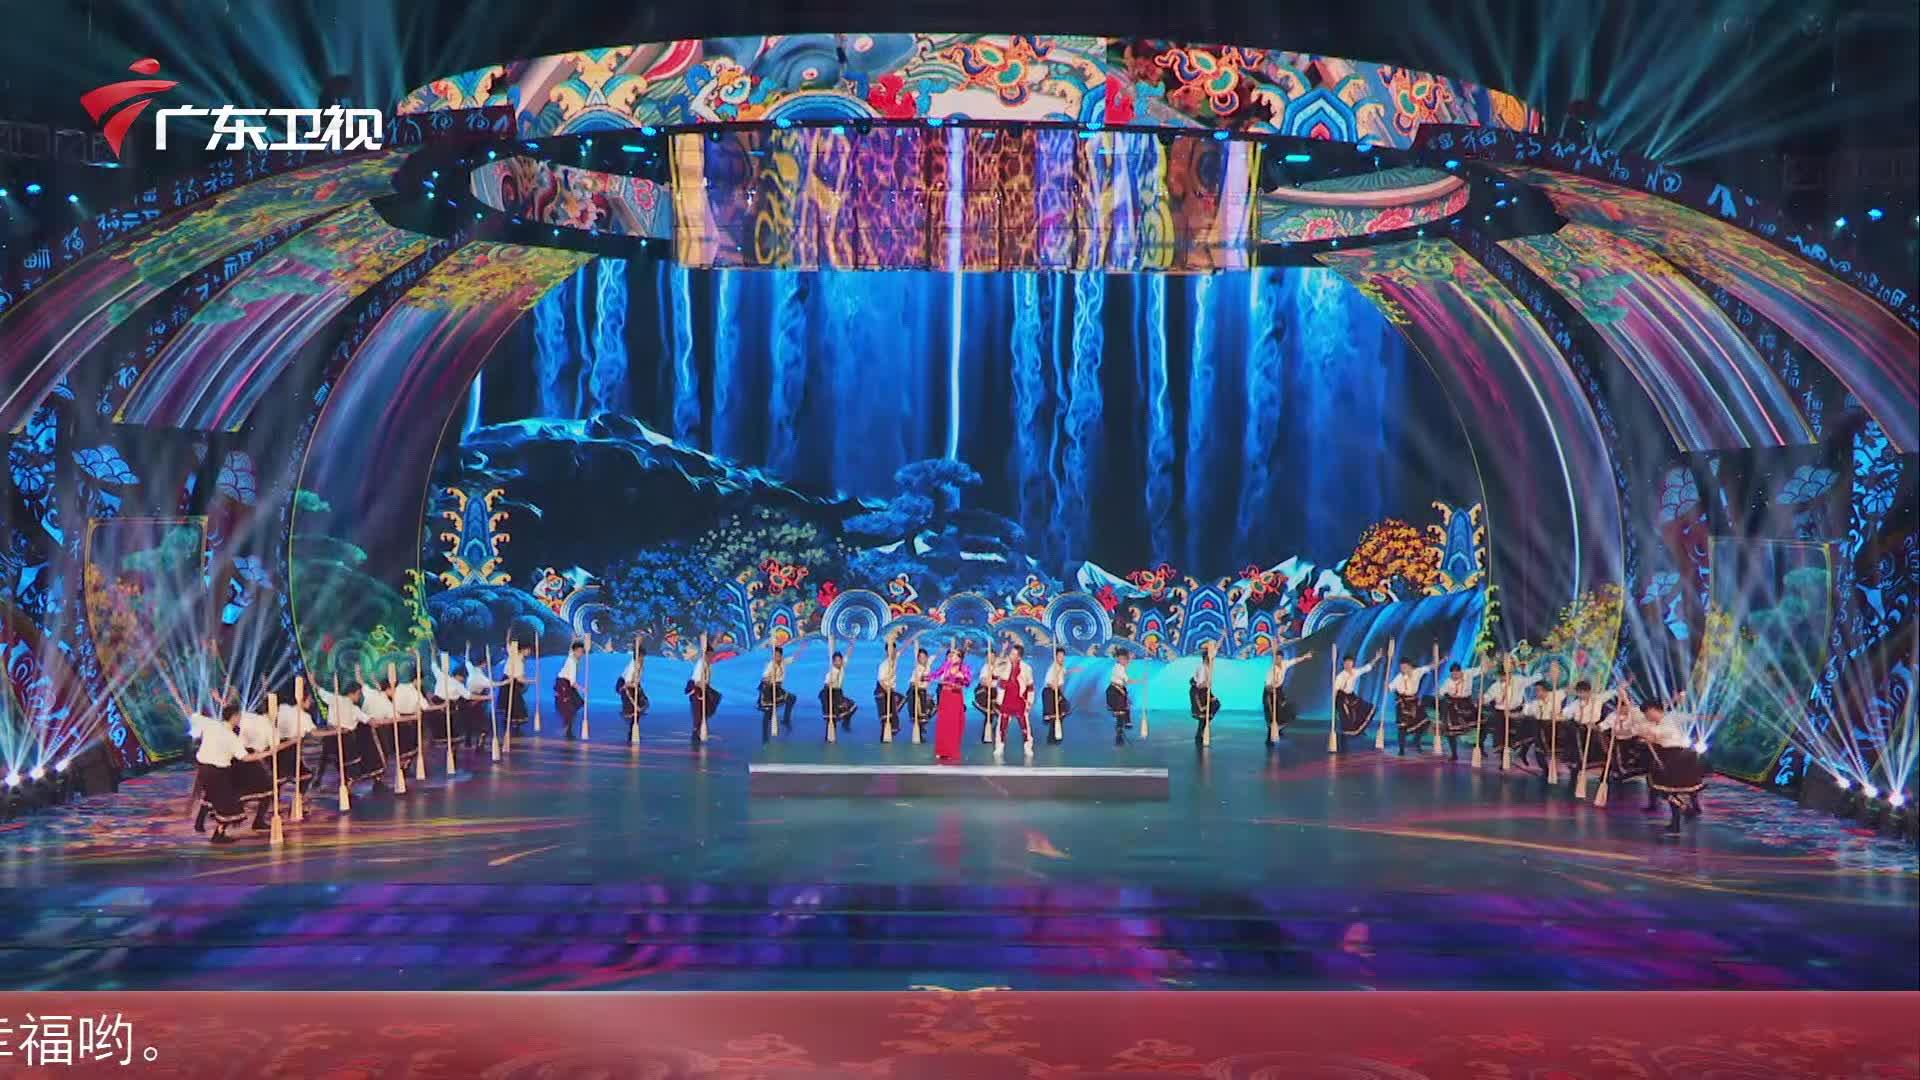 广东卫视春晚舞台民族风味浓,阿兰欢快唱响藏族《打墙歌》